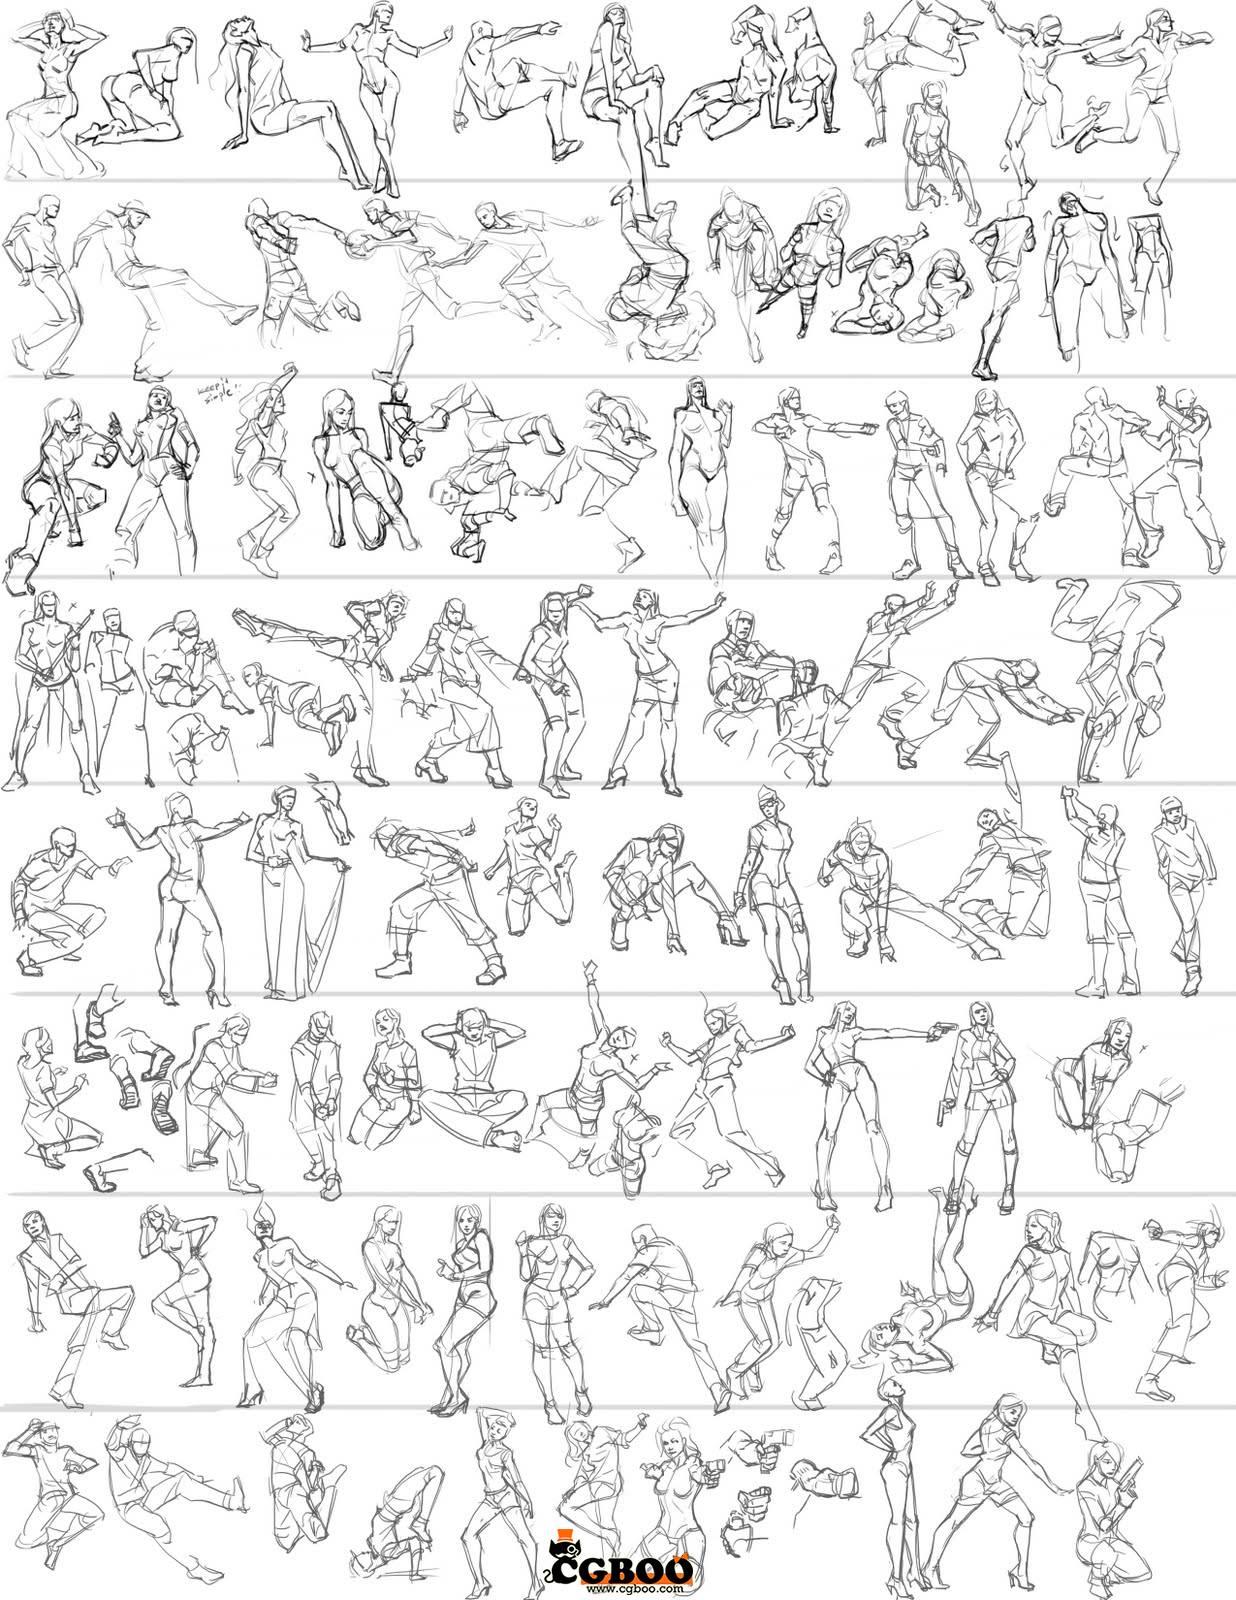 线稿速写素材 5000种人物着衣手绘速写图绘画参考集